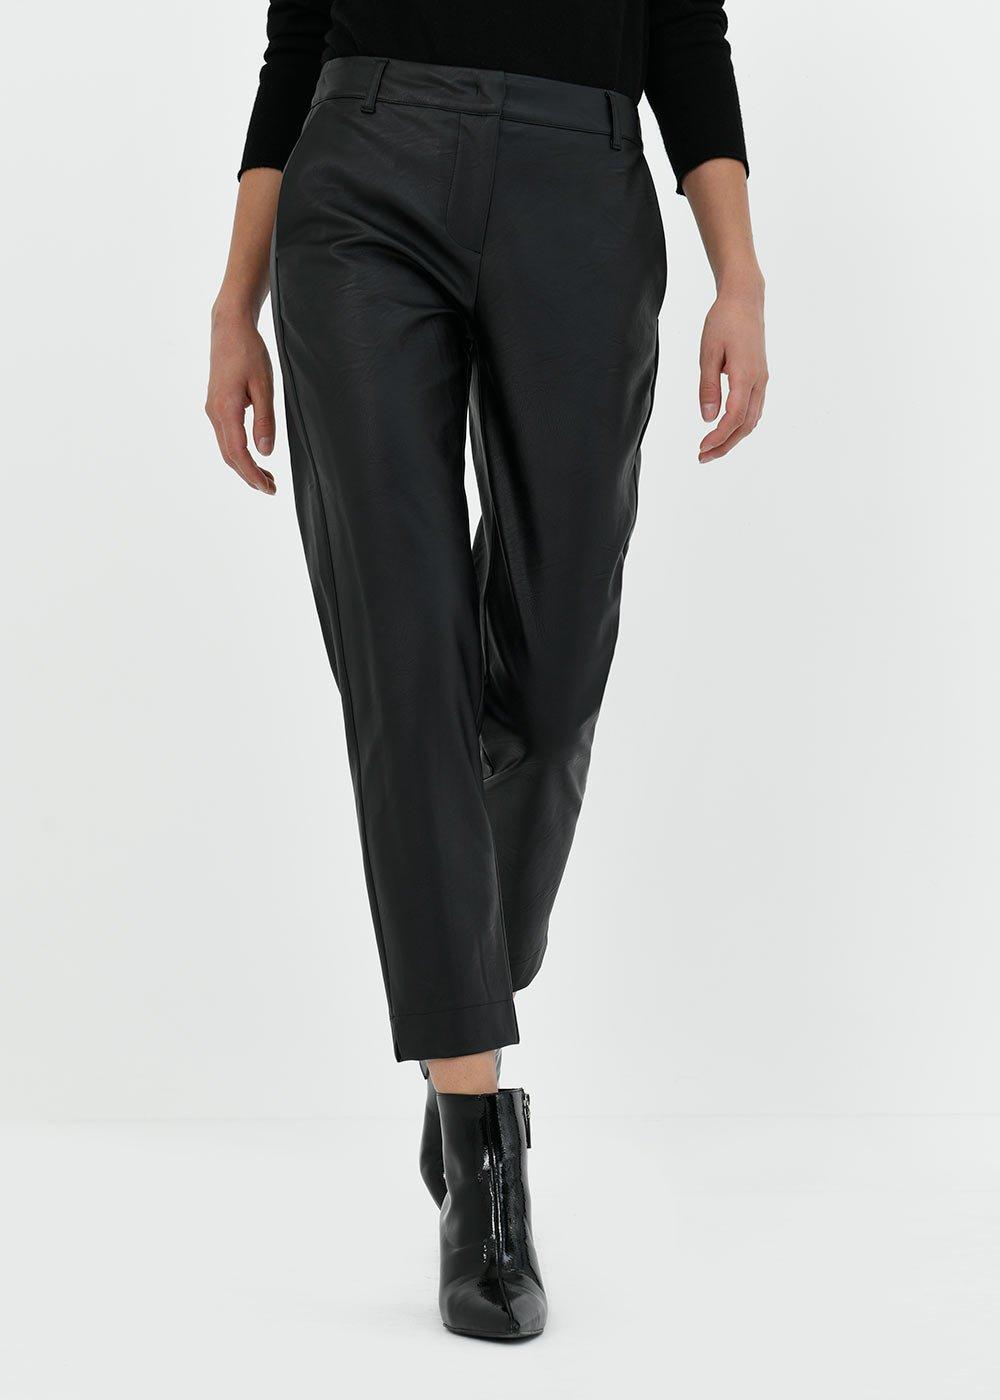 Katerun faux-leather trousers - Black - Woman